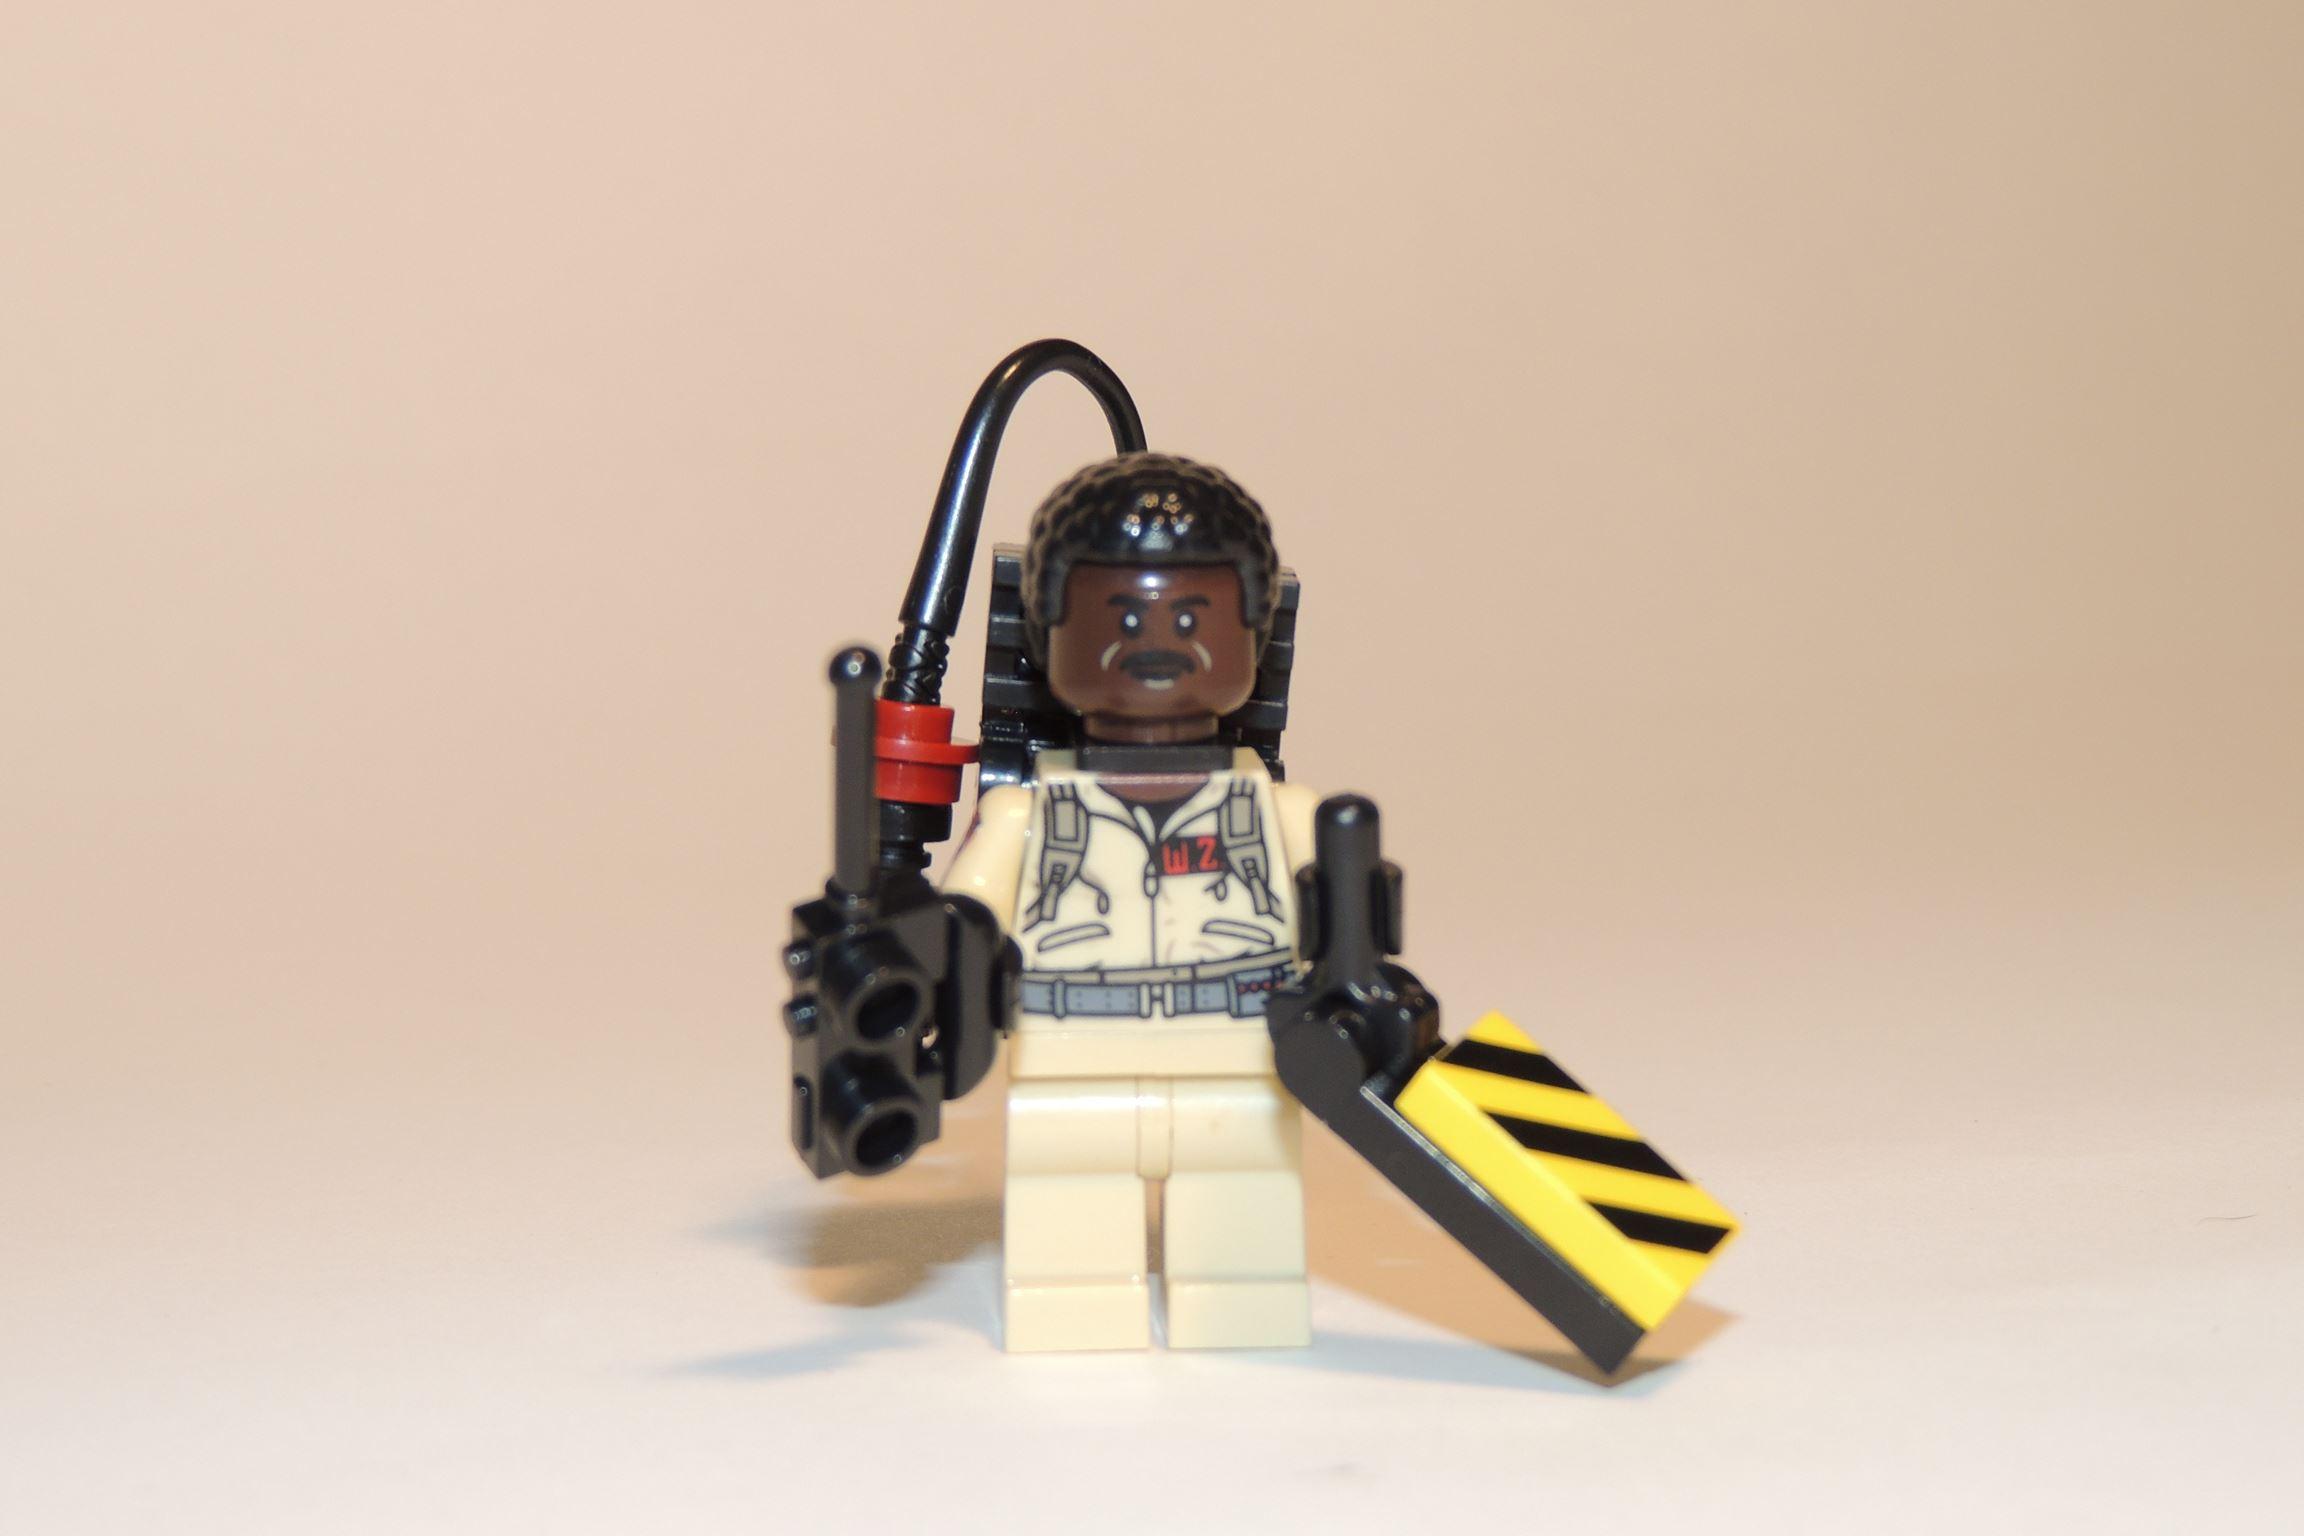 Winston Zeddemore, der angestellte Ghostbuster.